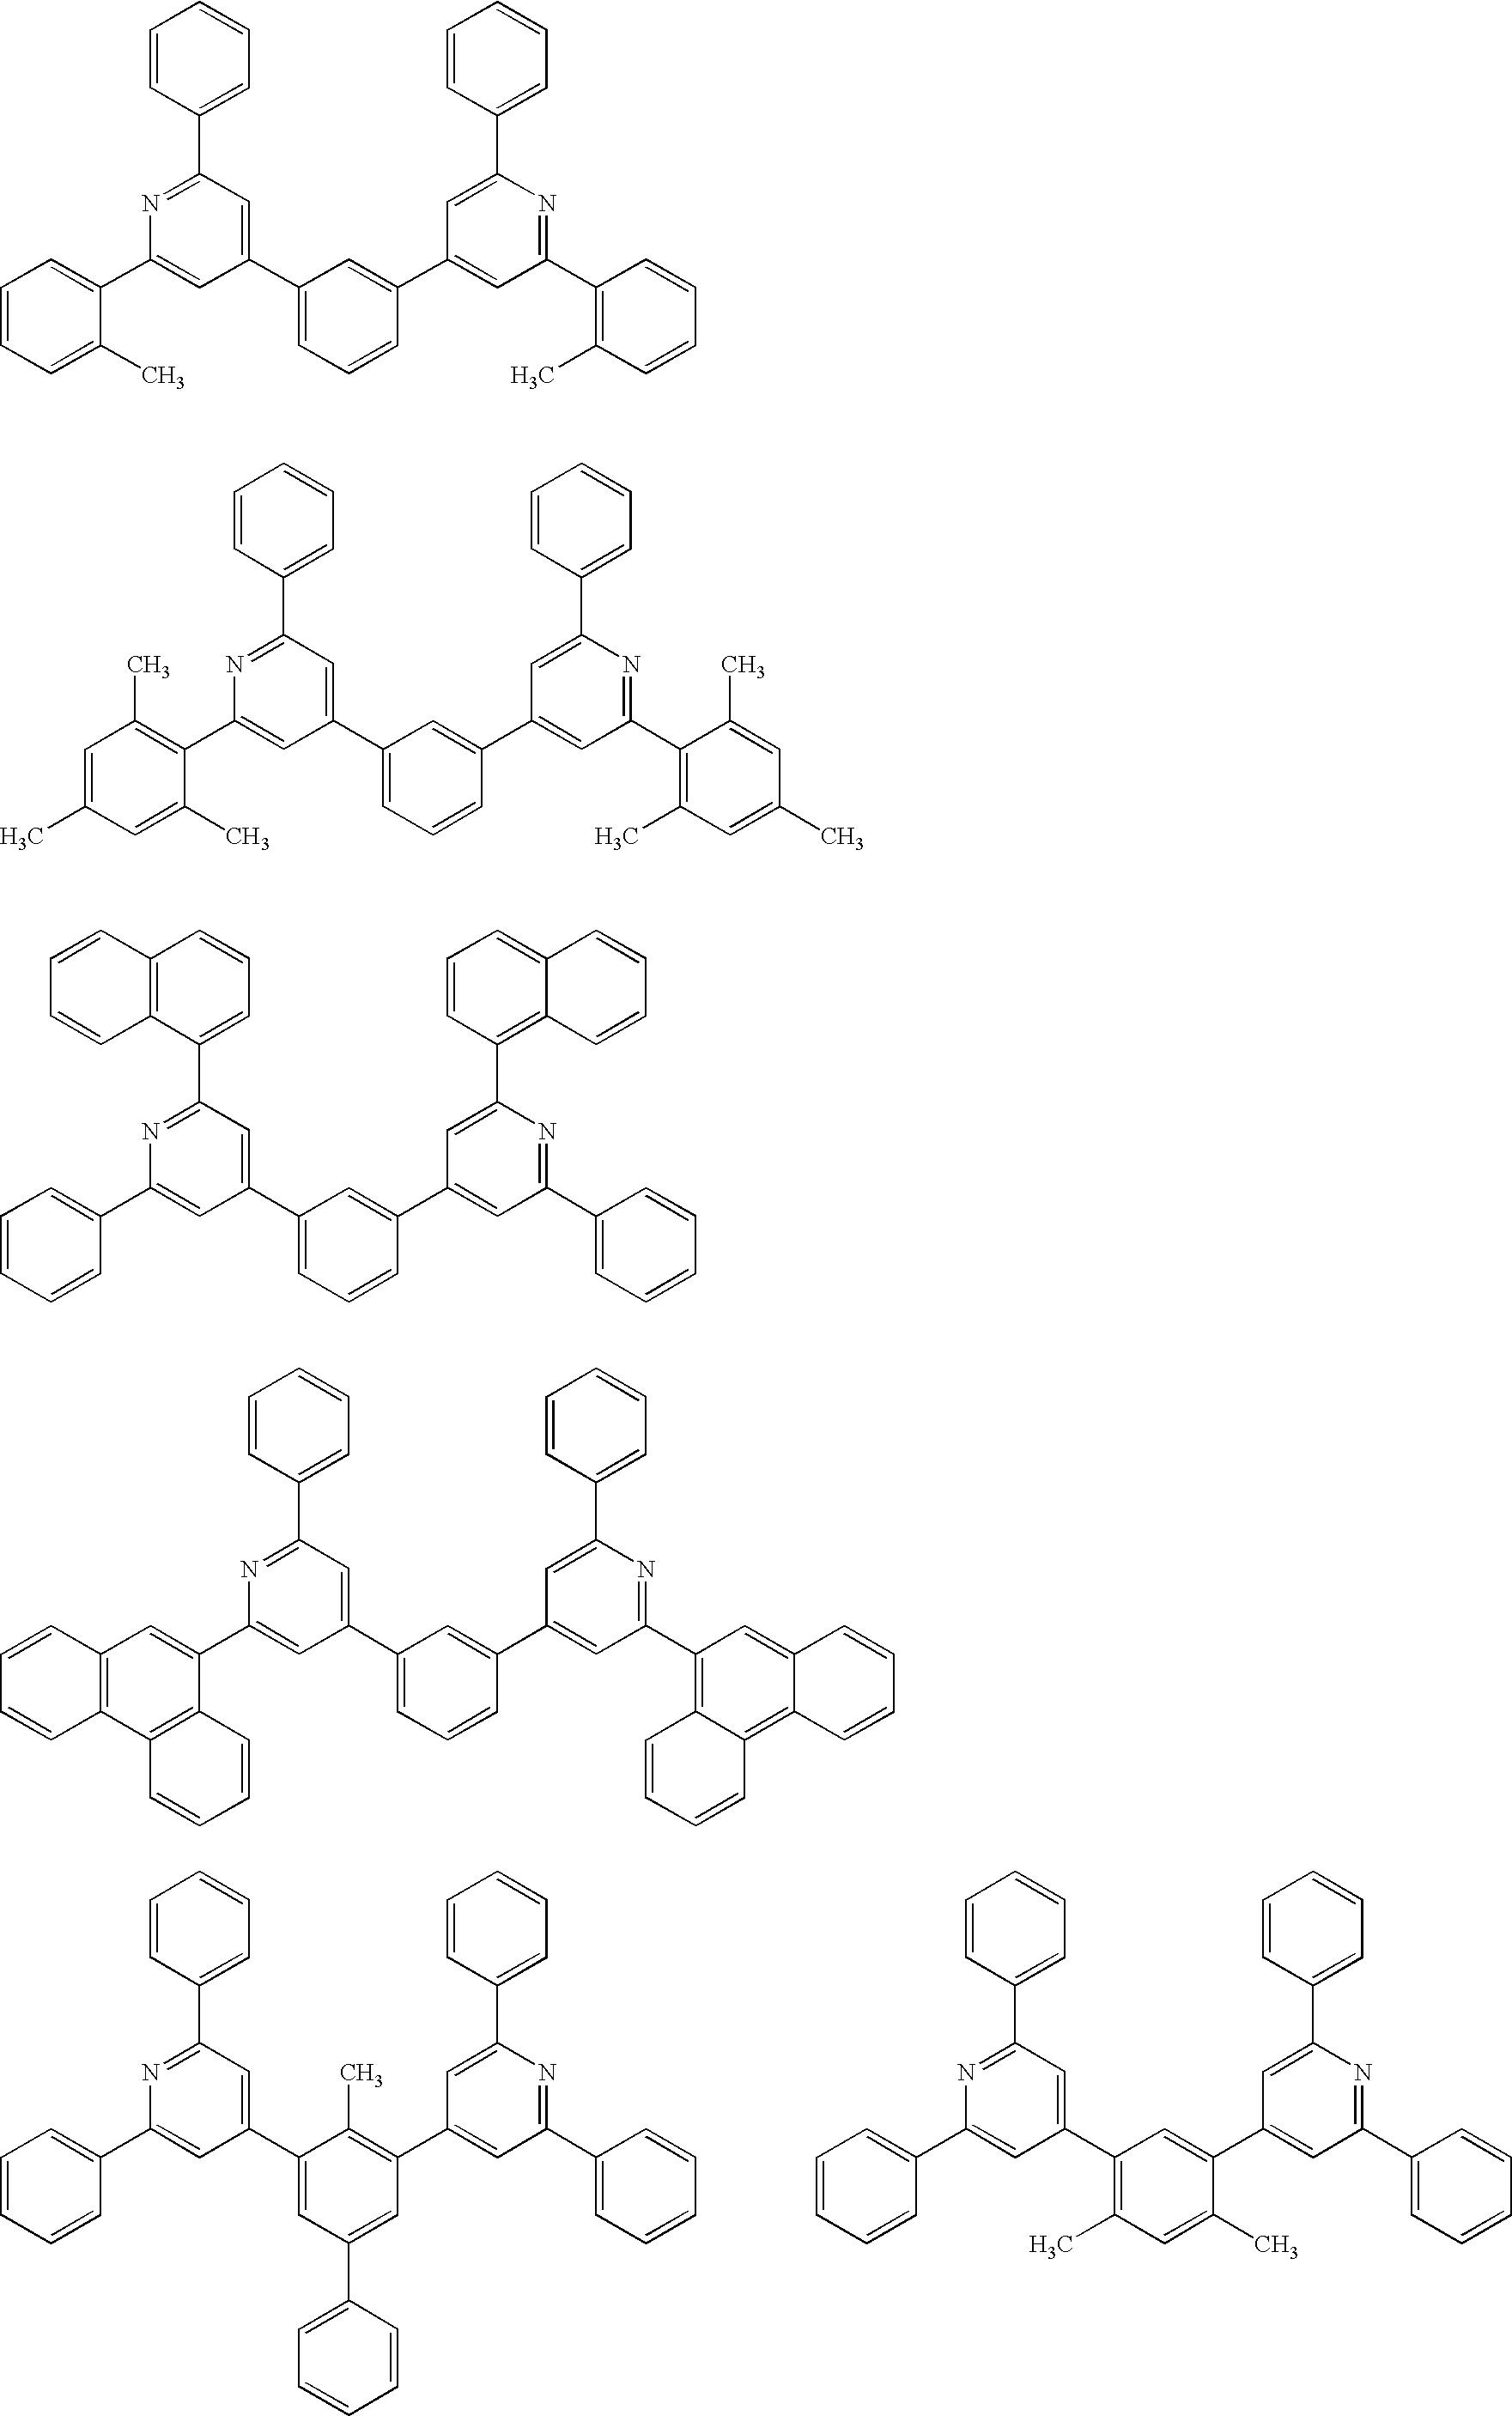 Figure US20060186796A1-20060824-C00107